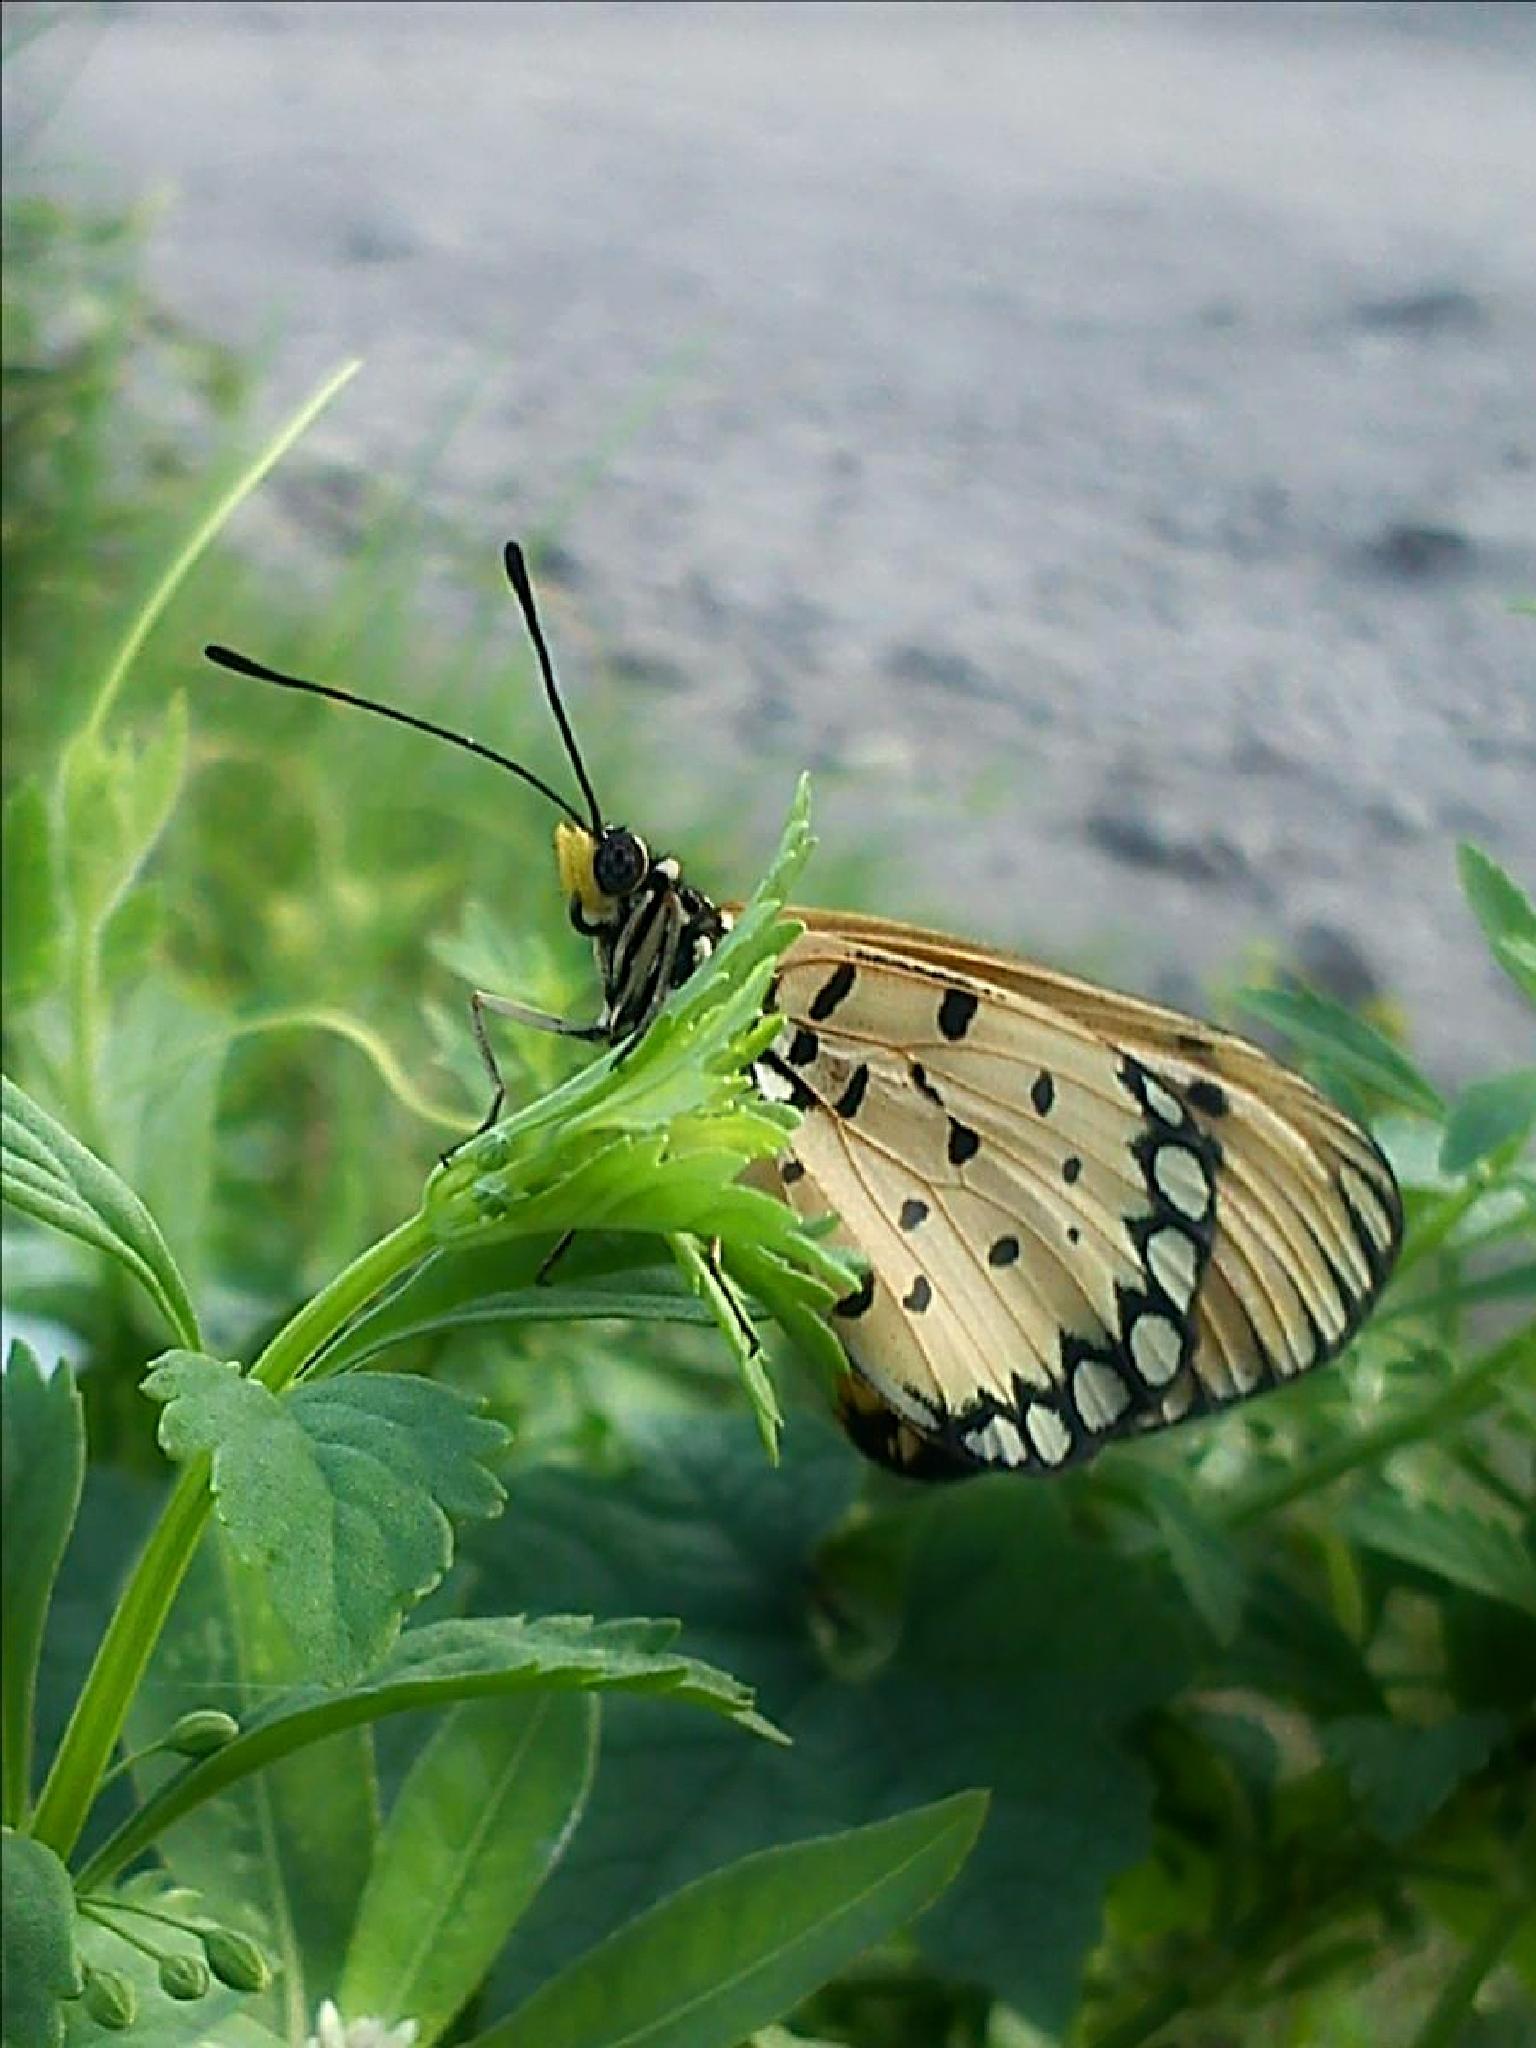 a butterfly by ciplukan niz3